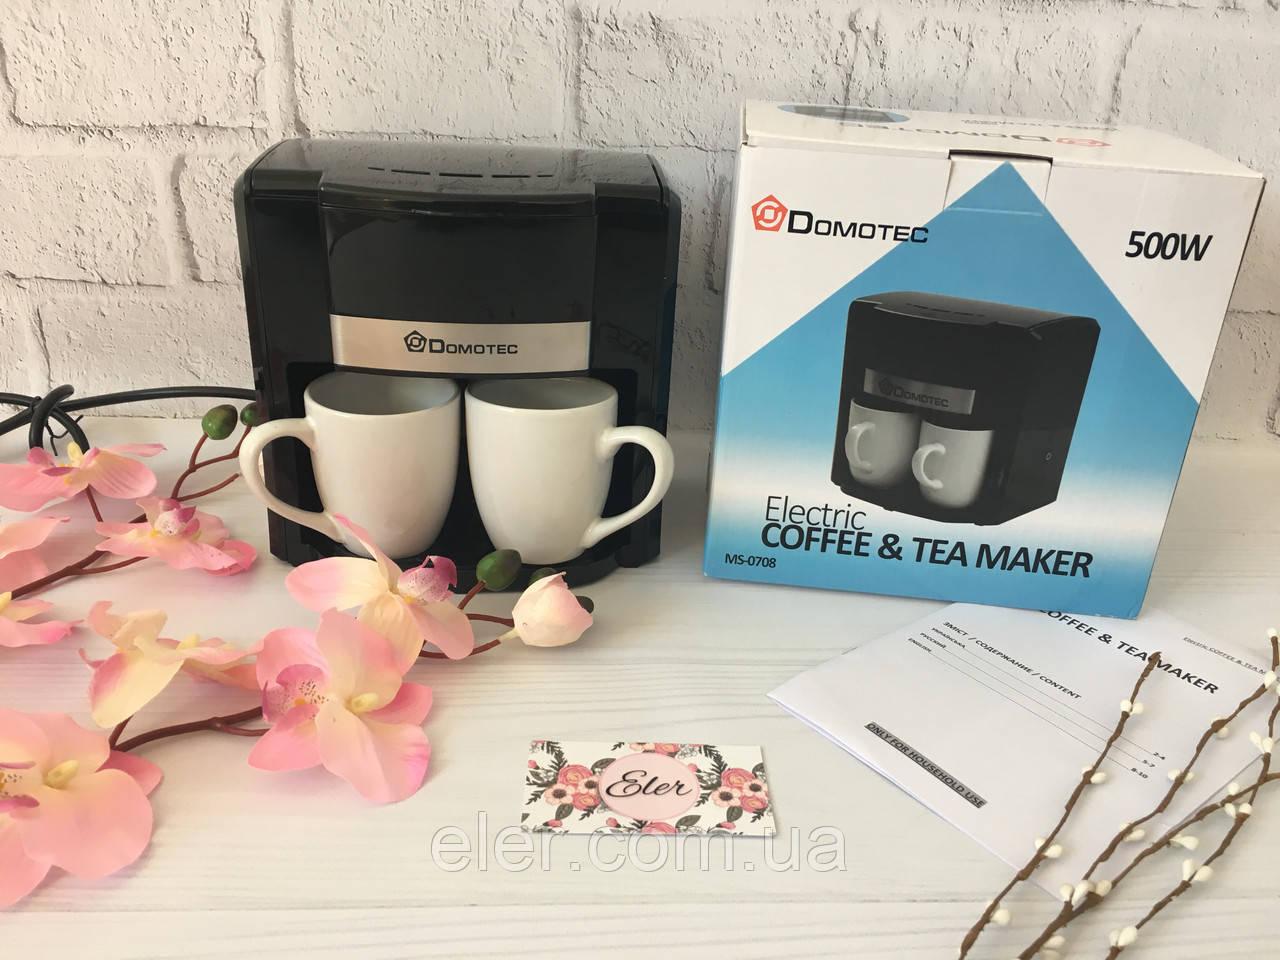 Электрическая кофеварка + 2 чашки DOMOTEC MS-0708